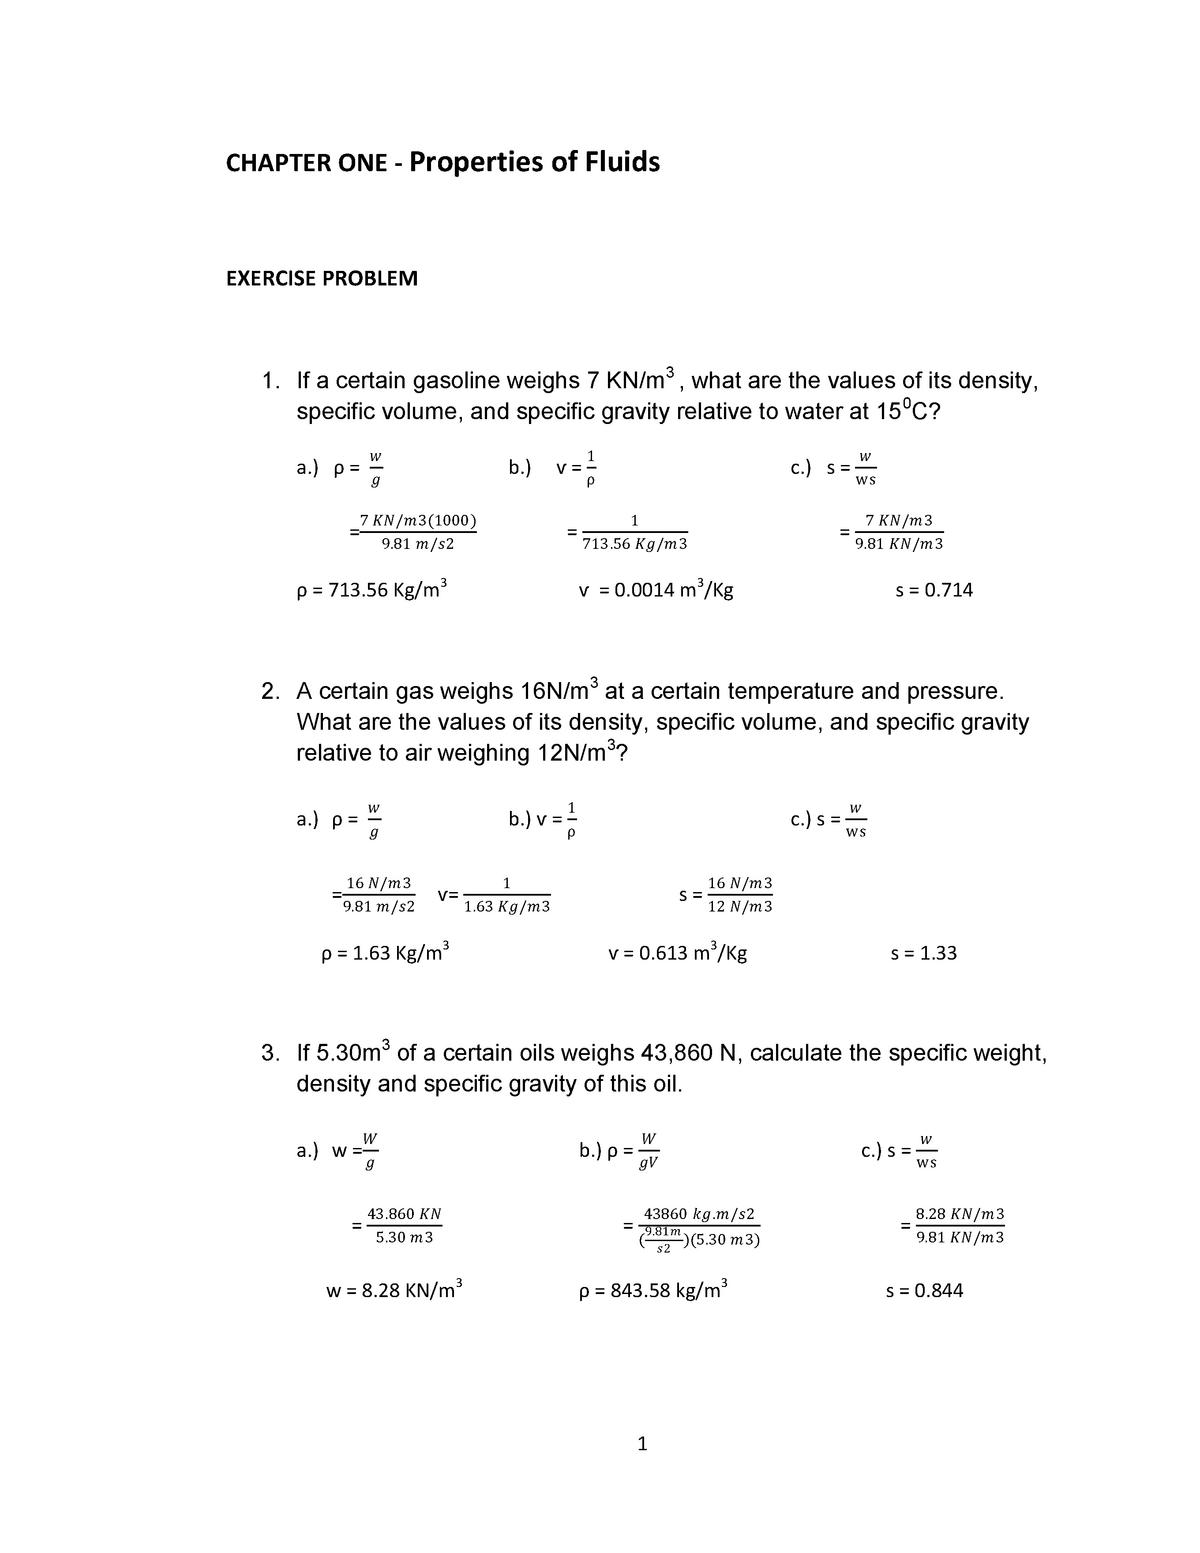 Chapter ONE -Properties of Fluids Exerci - EMM 242 - StuDocu